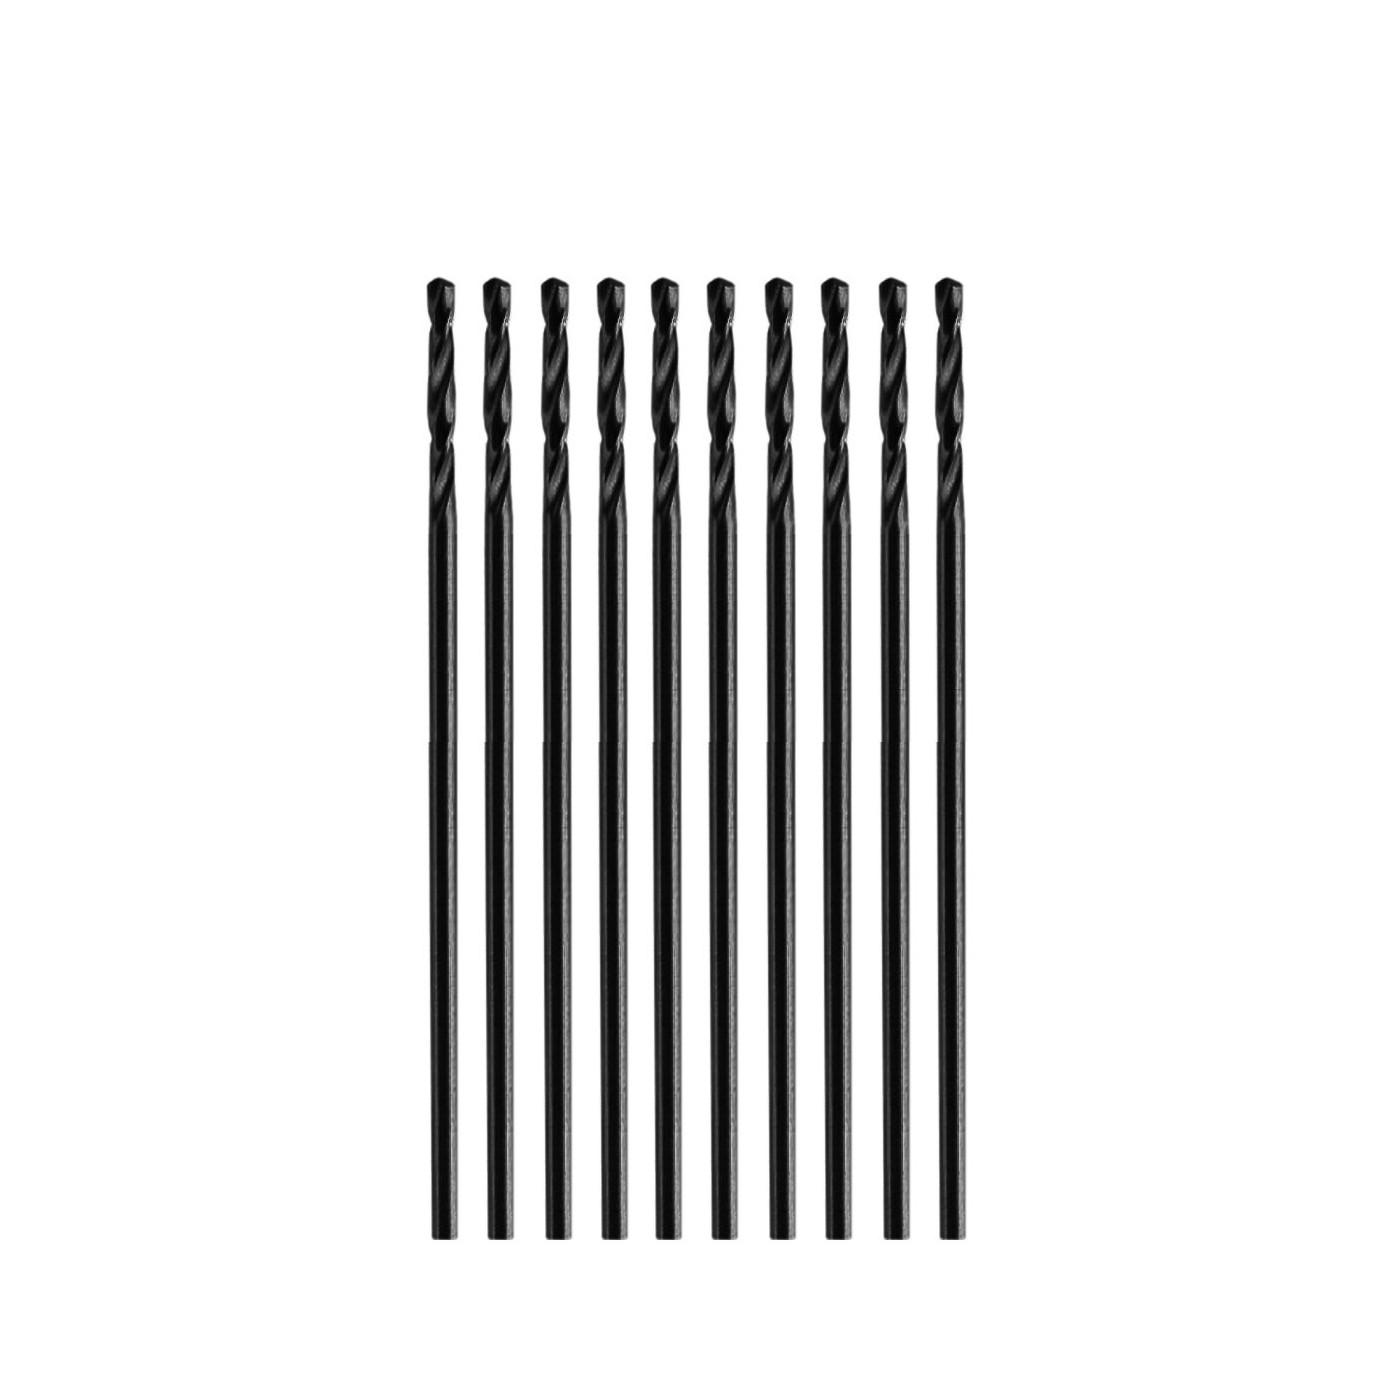 Set van 10 kleine metaalboren (1,7x43 mm, HSS)